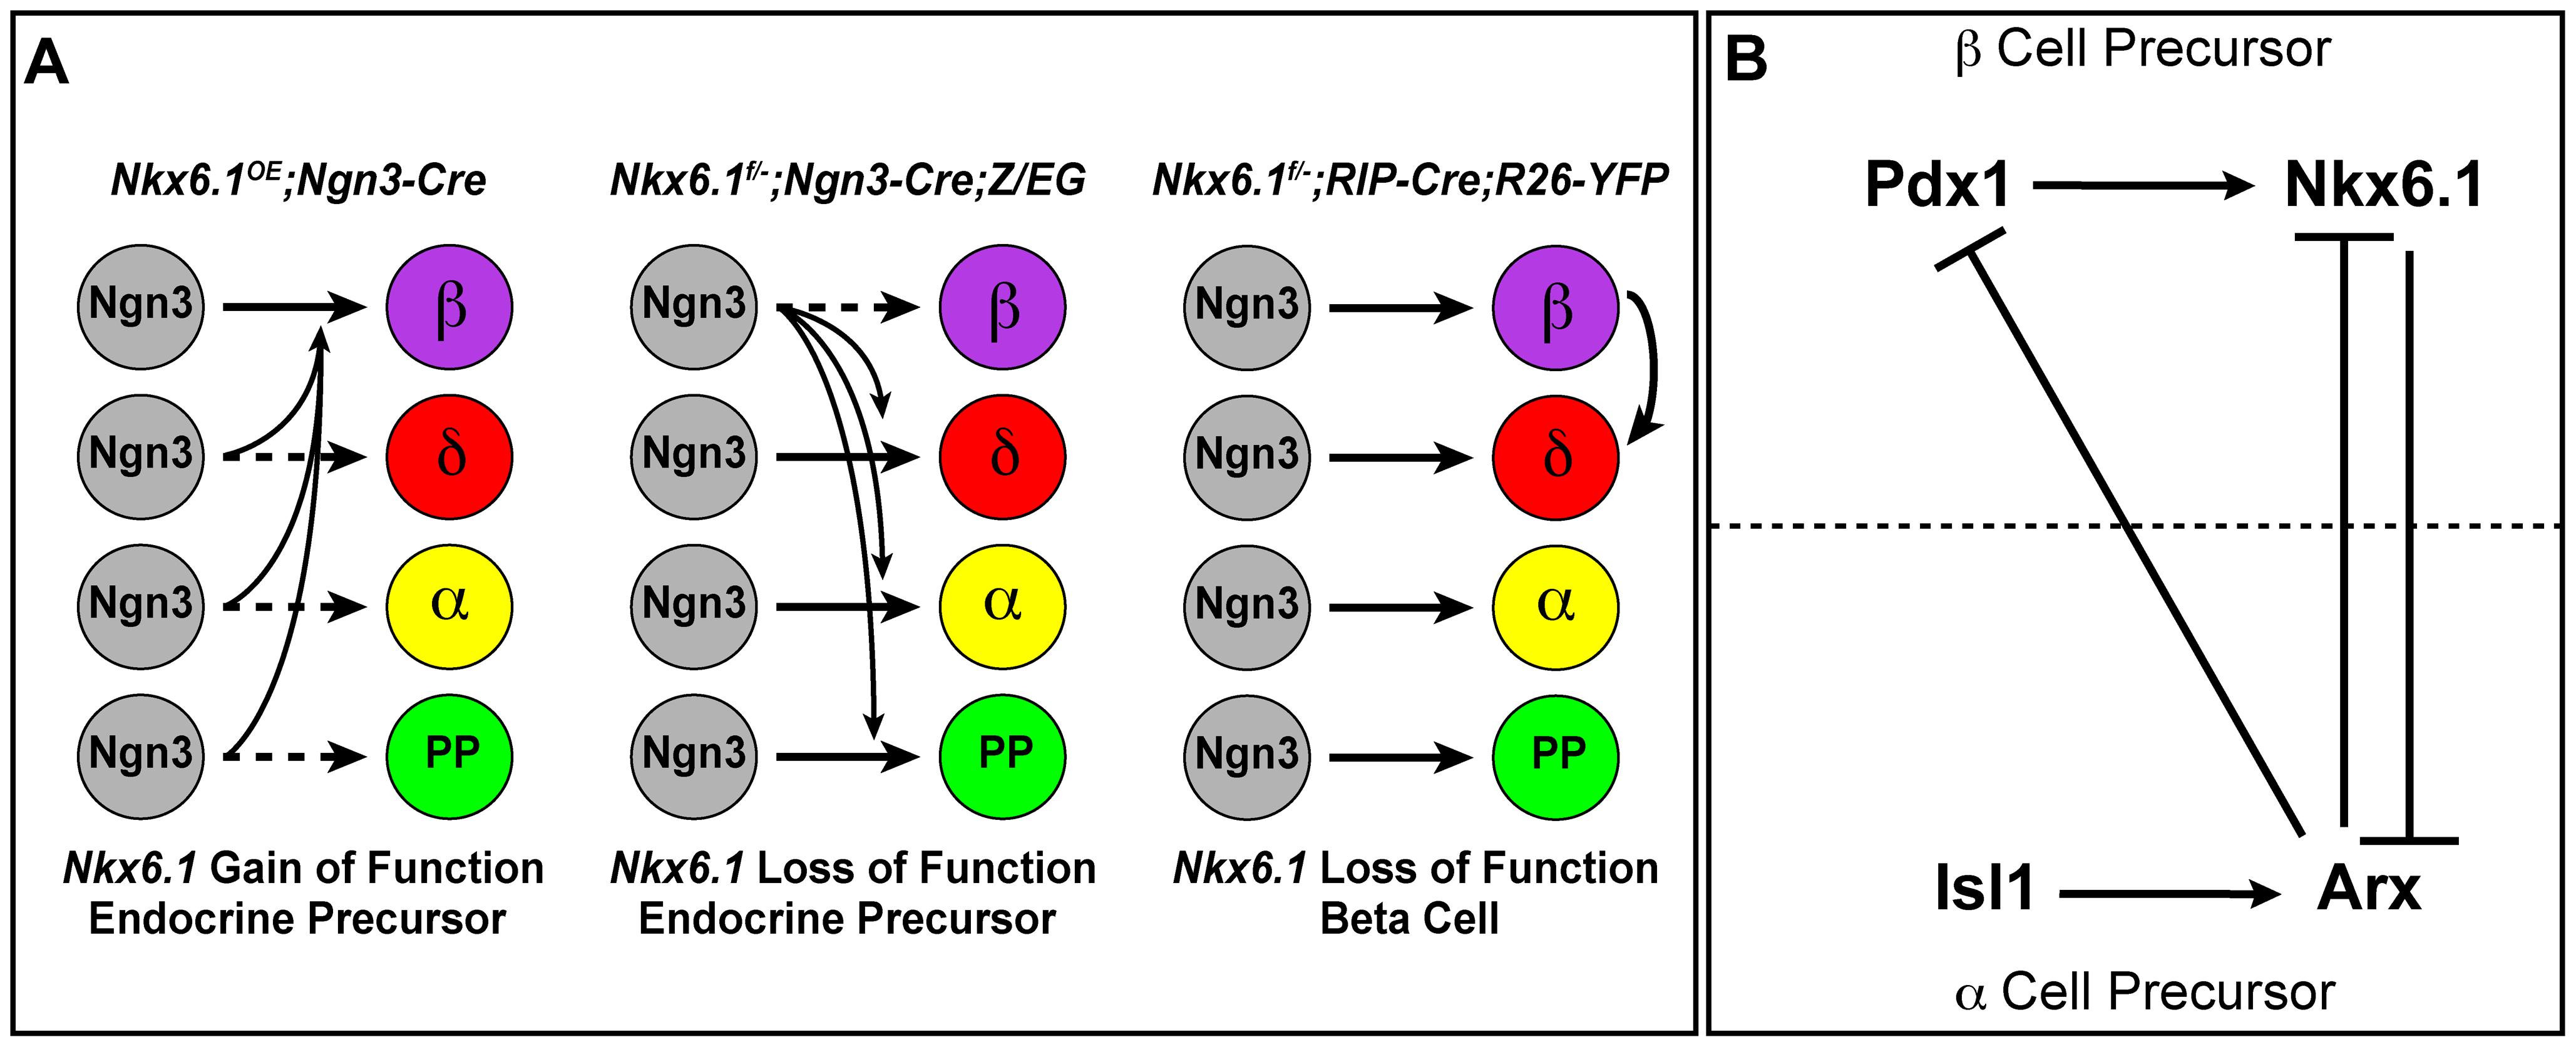 Model of Nkx6.1 function in endocrine precursor cells.